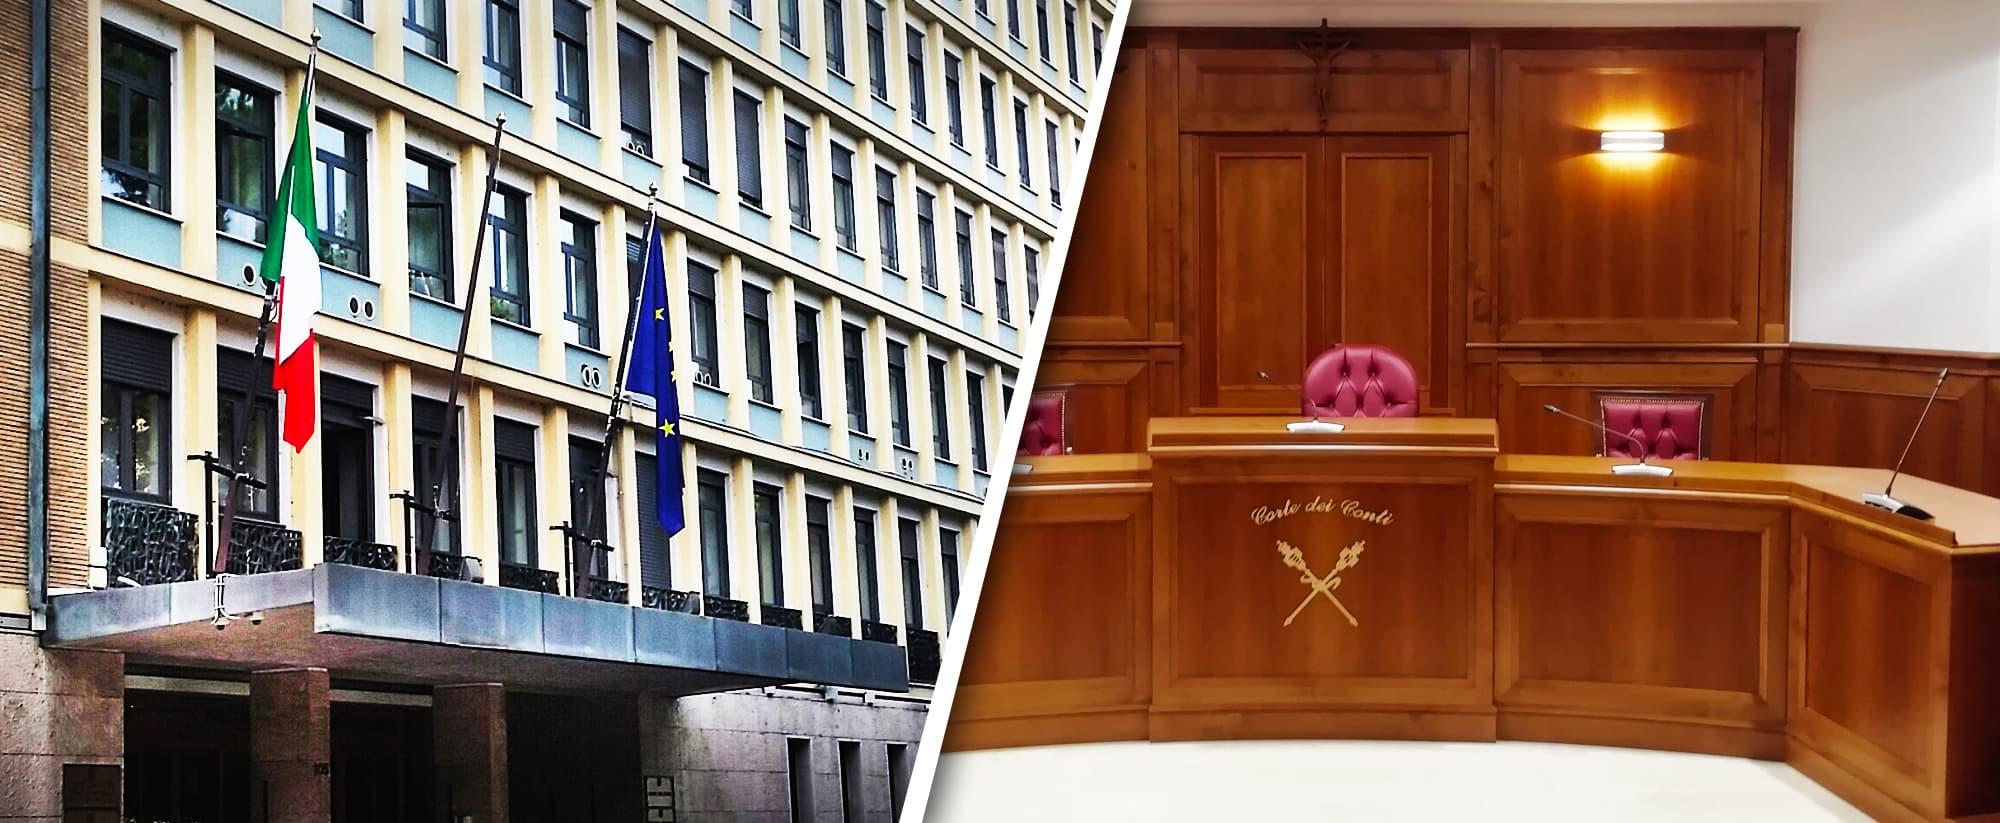 articolo 3 anche la terza sezione corte dei conti centrale dice No